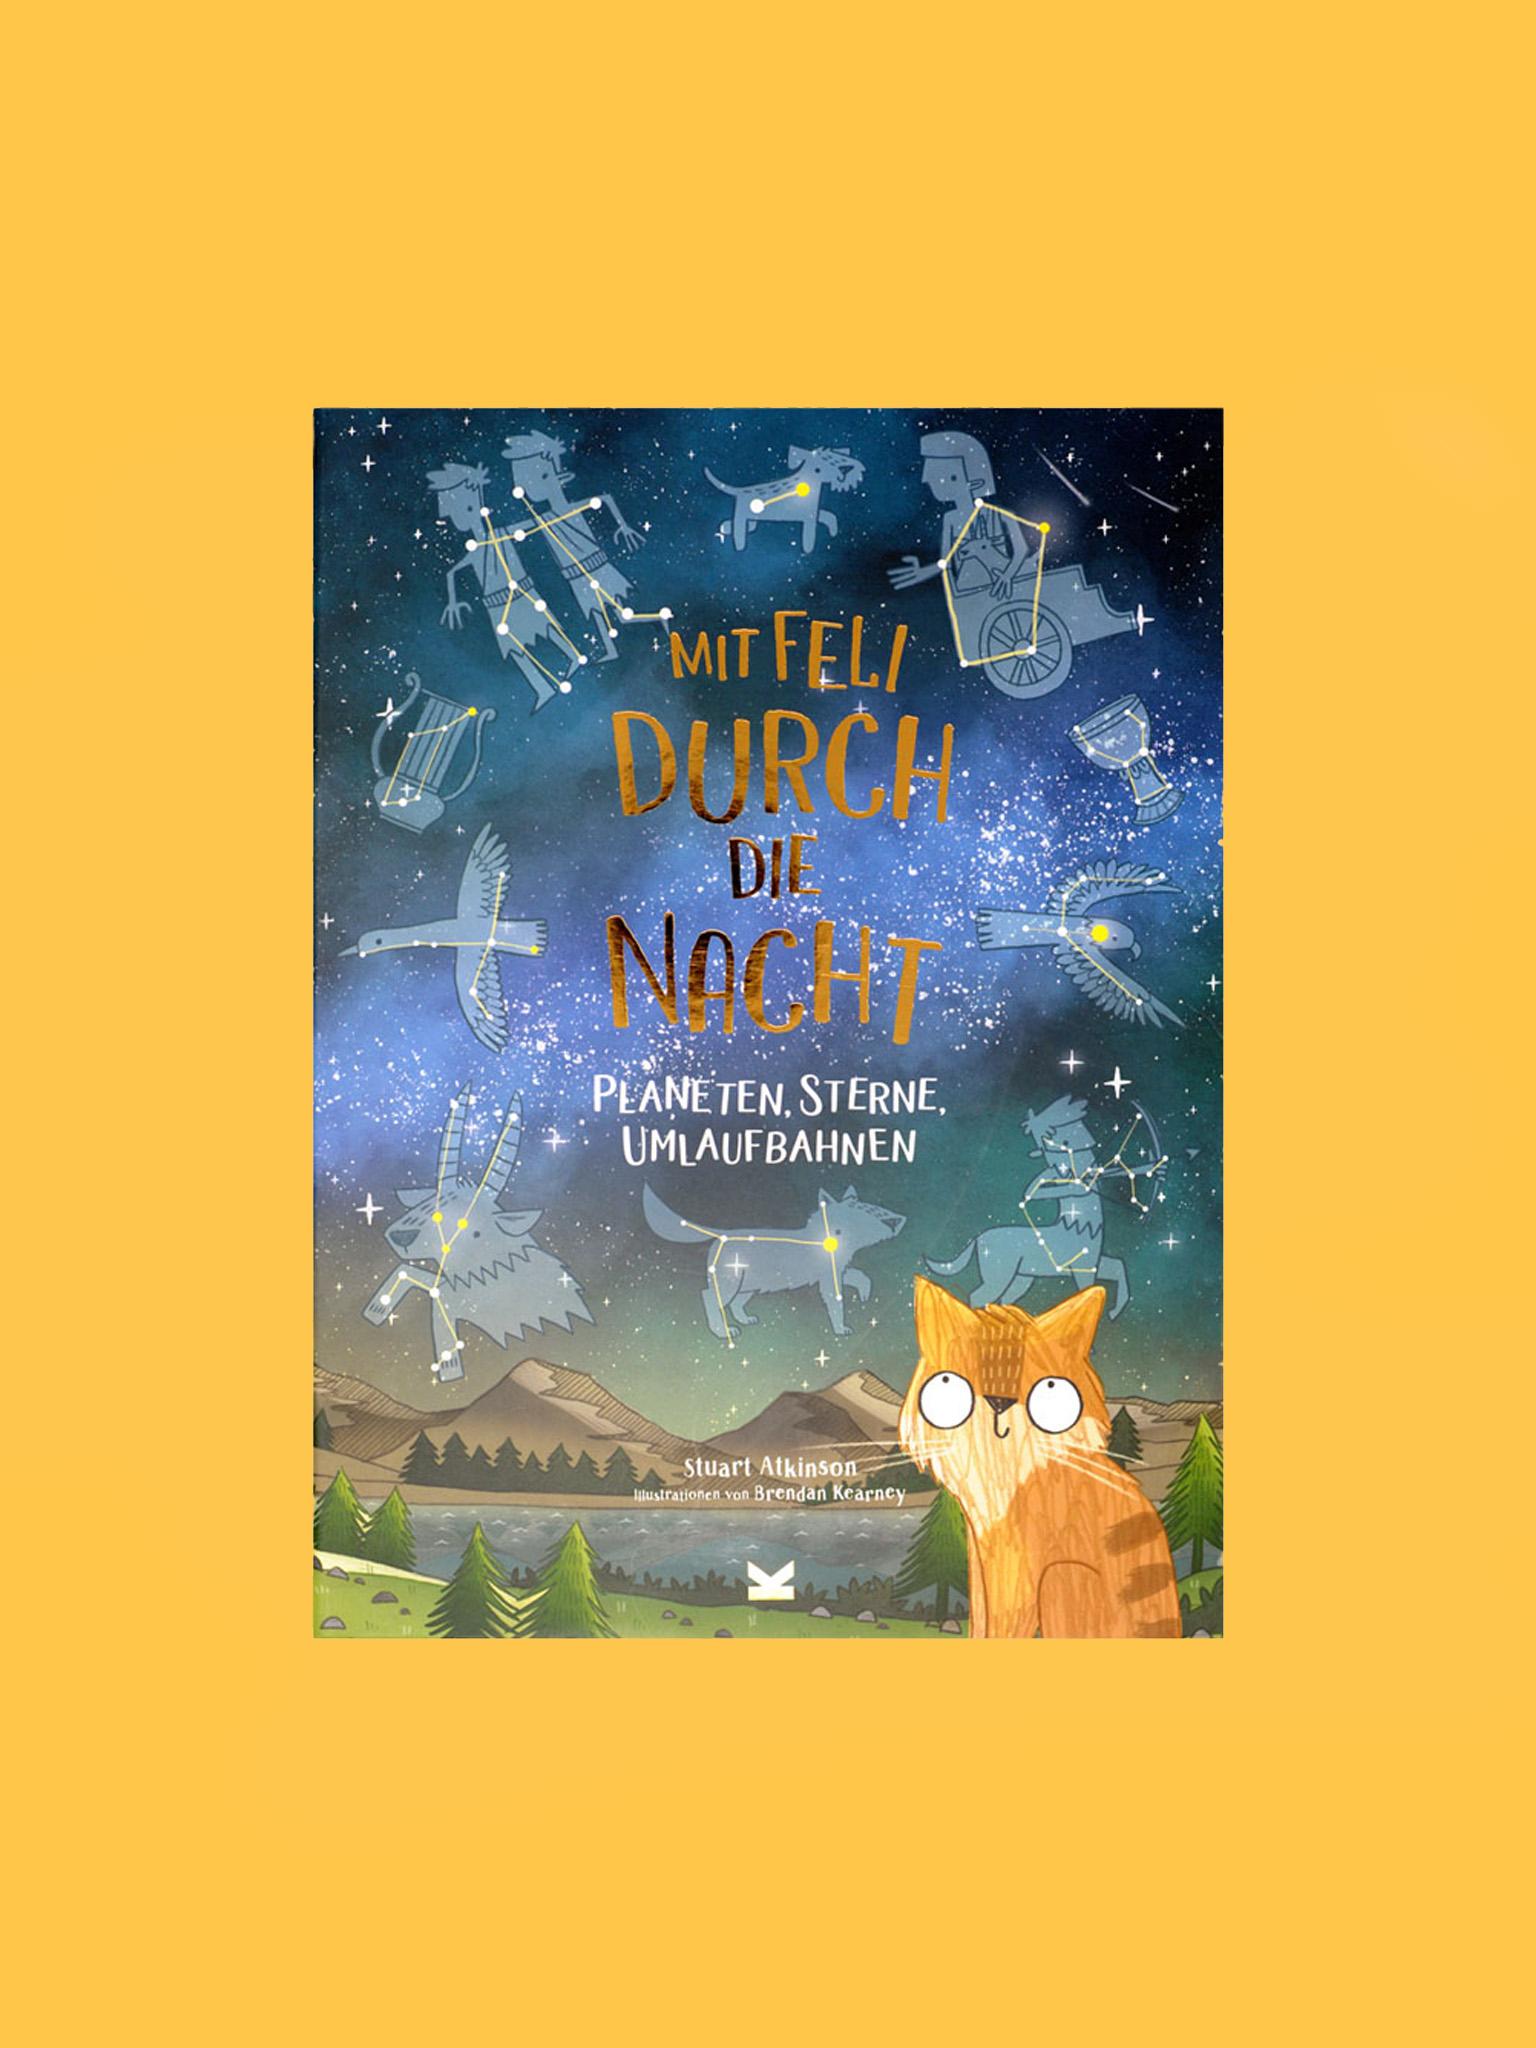 Laurence King Buch Mit Feli Durch Die Nacht